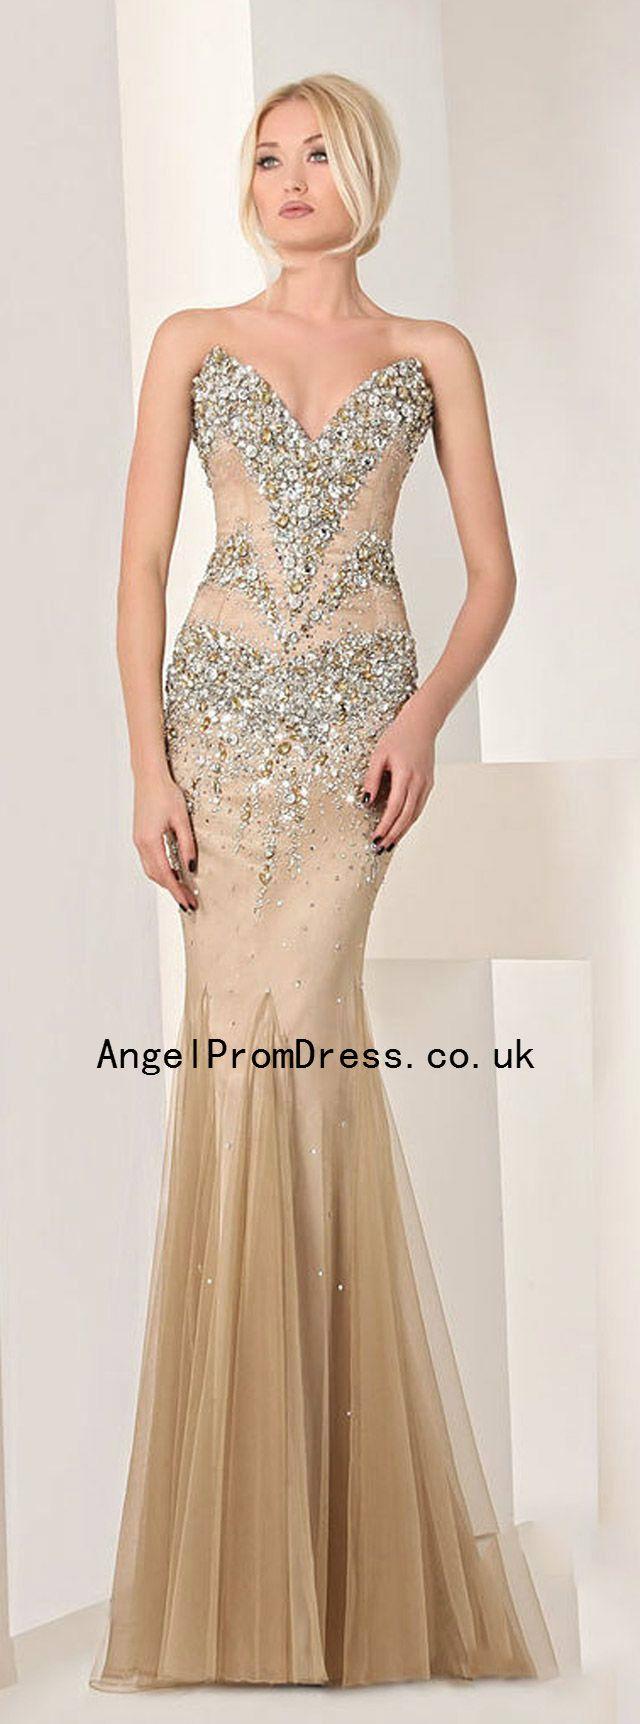 110 besten Dresses Bilder auf Pinterest | Abendkleid, Abendkleider ...